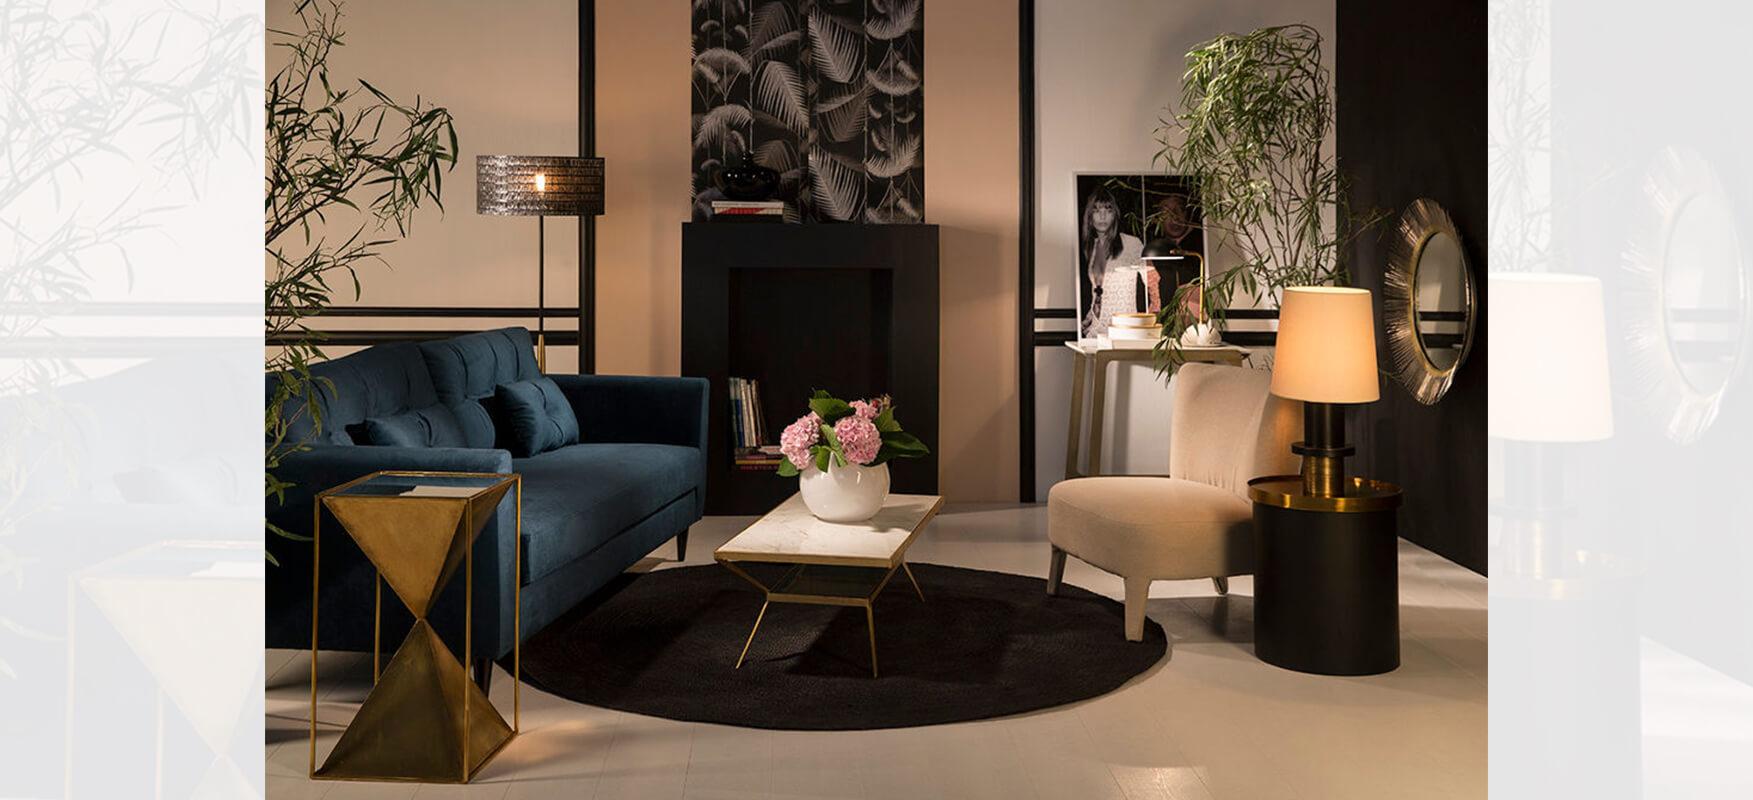 Chanecolor-Pinturas-decoracion-interiorismo- Muebles